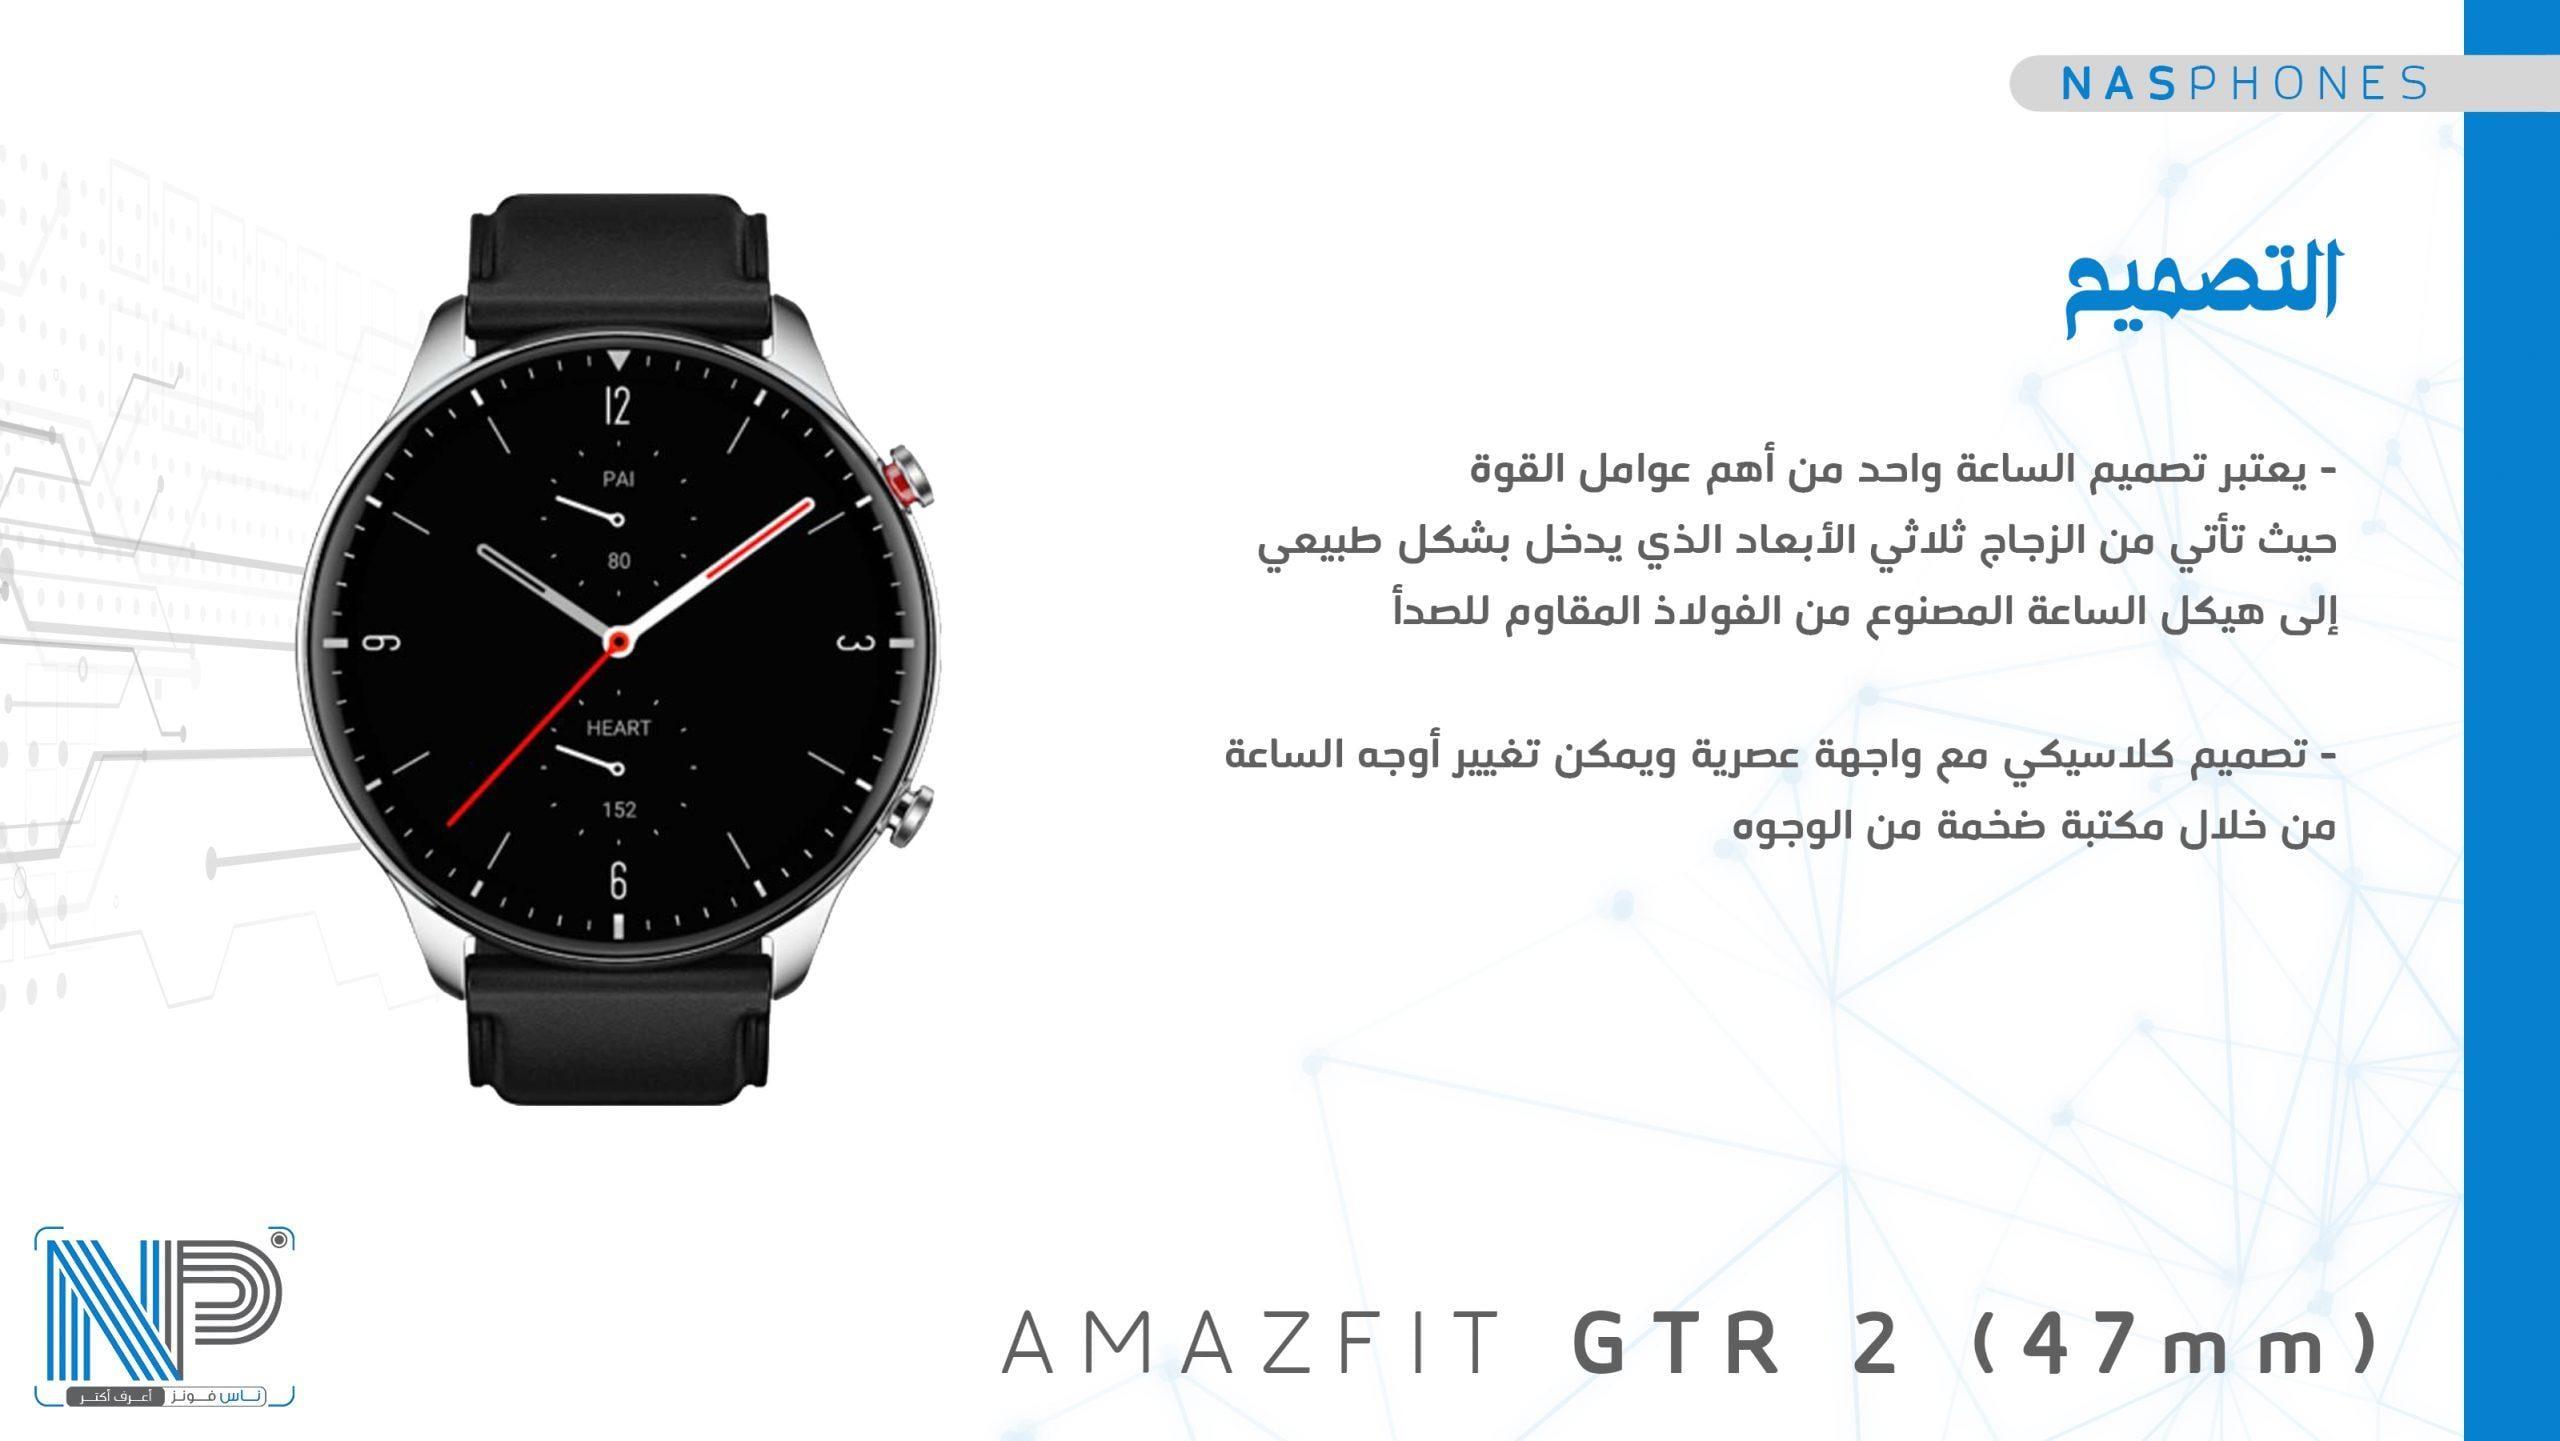 (Amazfit GTR 2 (47mm